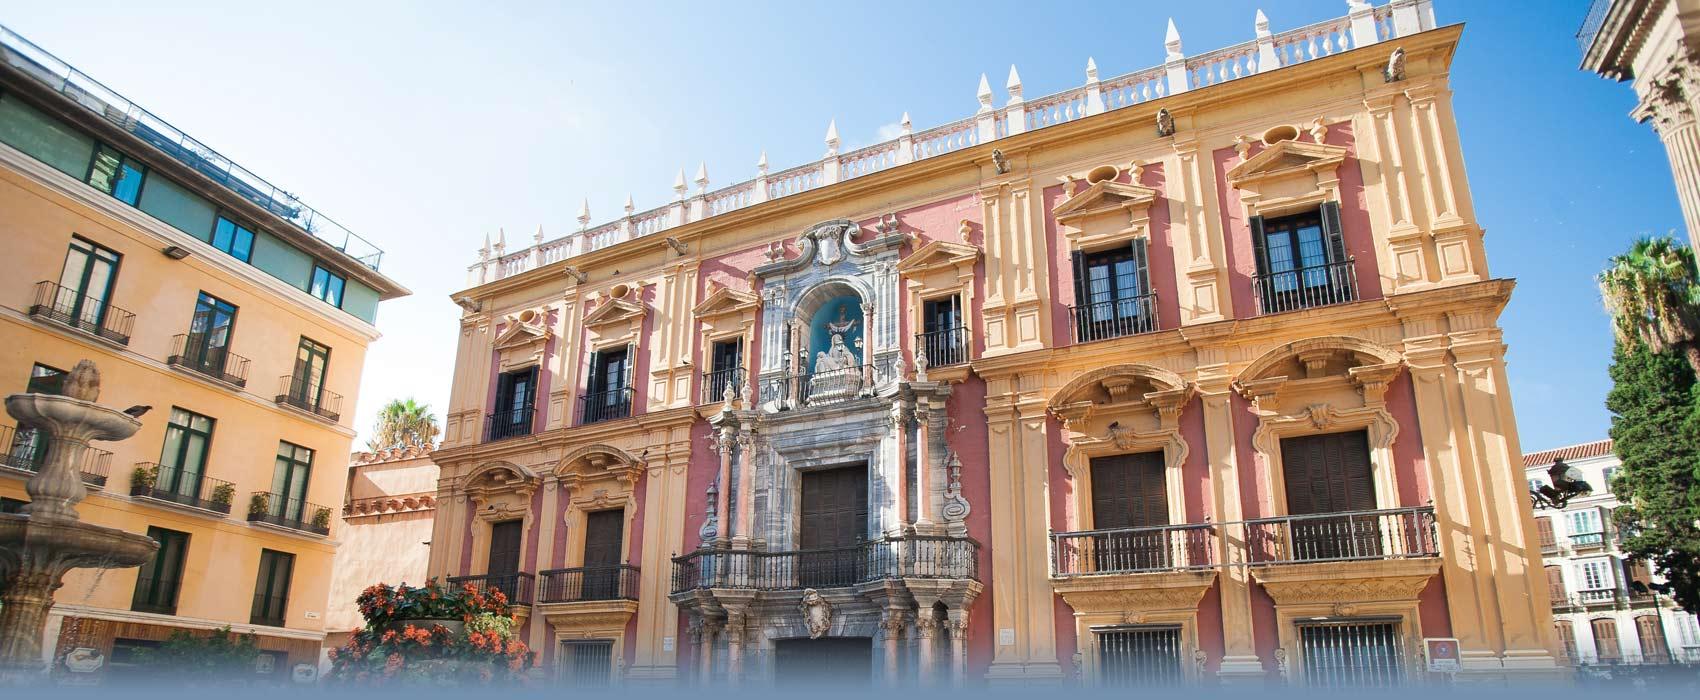 Der Bischofspalast von Malaga